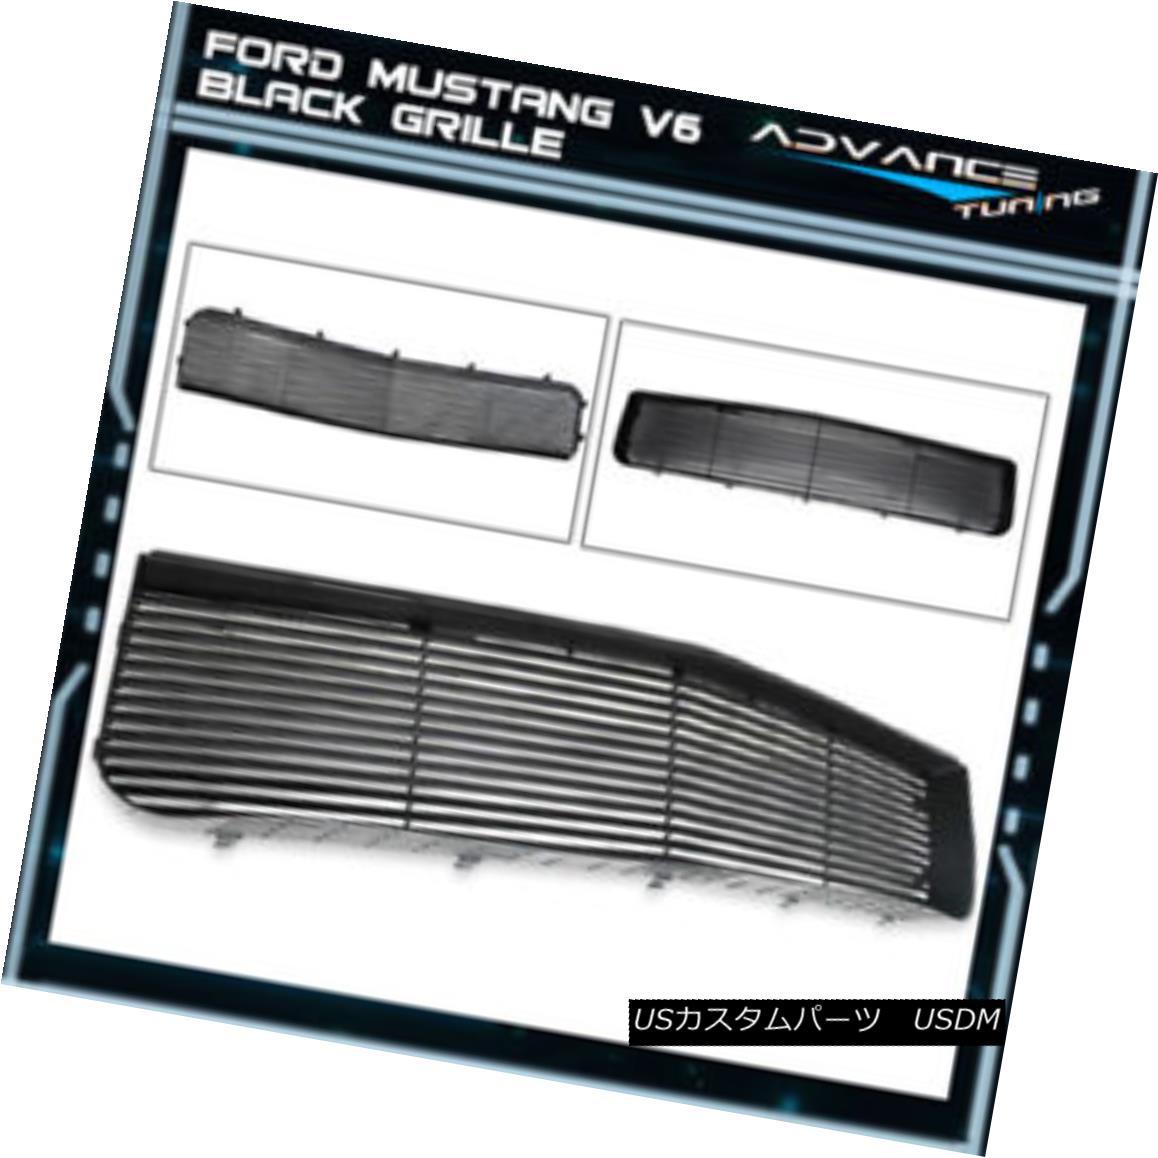 グリル Fits 05-09 Ford Mustang V6 Hood Grille Grill 1Pc Black Brand New フィット05-09フォードマスタングV6フードグリルグリル1Pcブラックブランドニュー